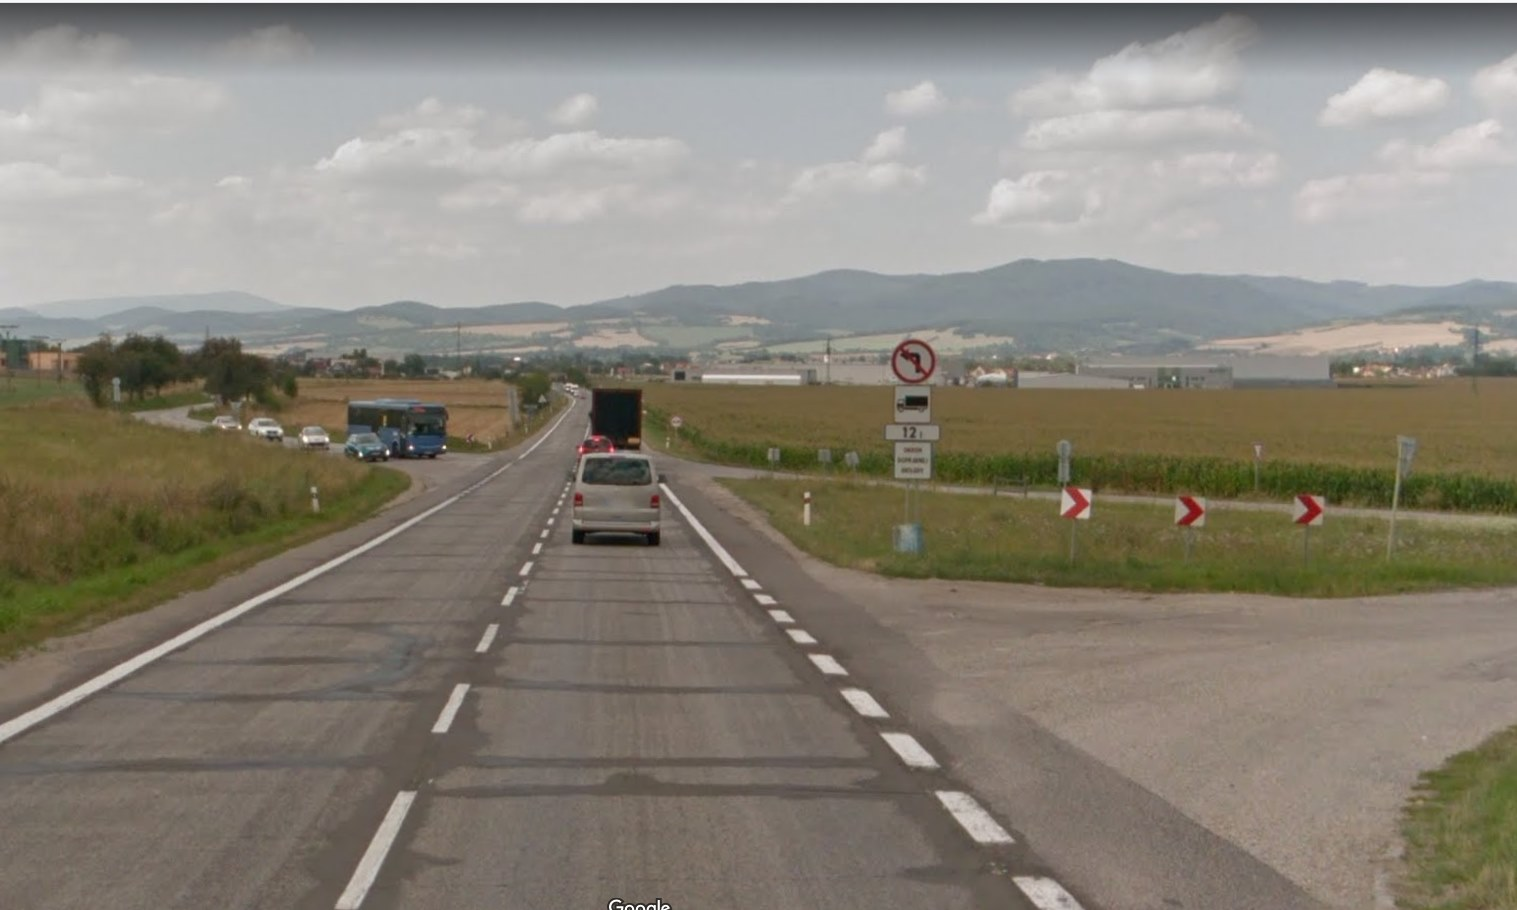 Oprava panelovej cesty I/9 pri Trenčíne mešká, prekazila ju námietka jedného z uchádzačov